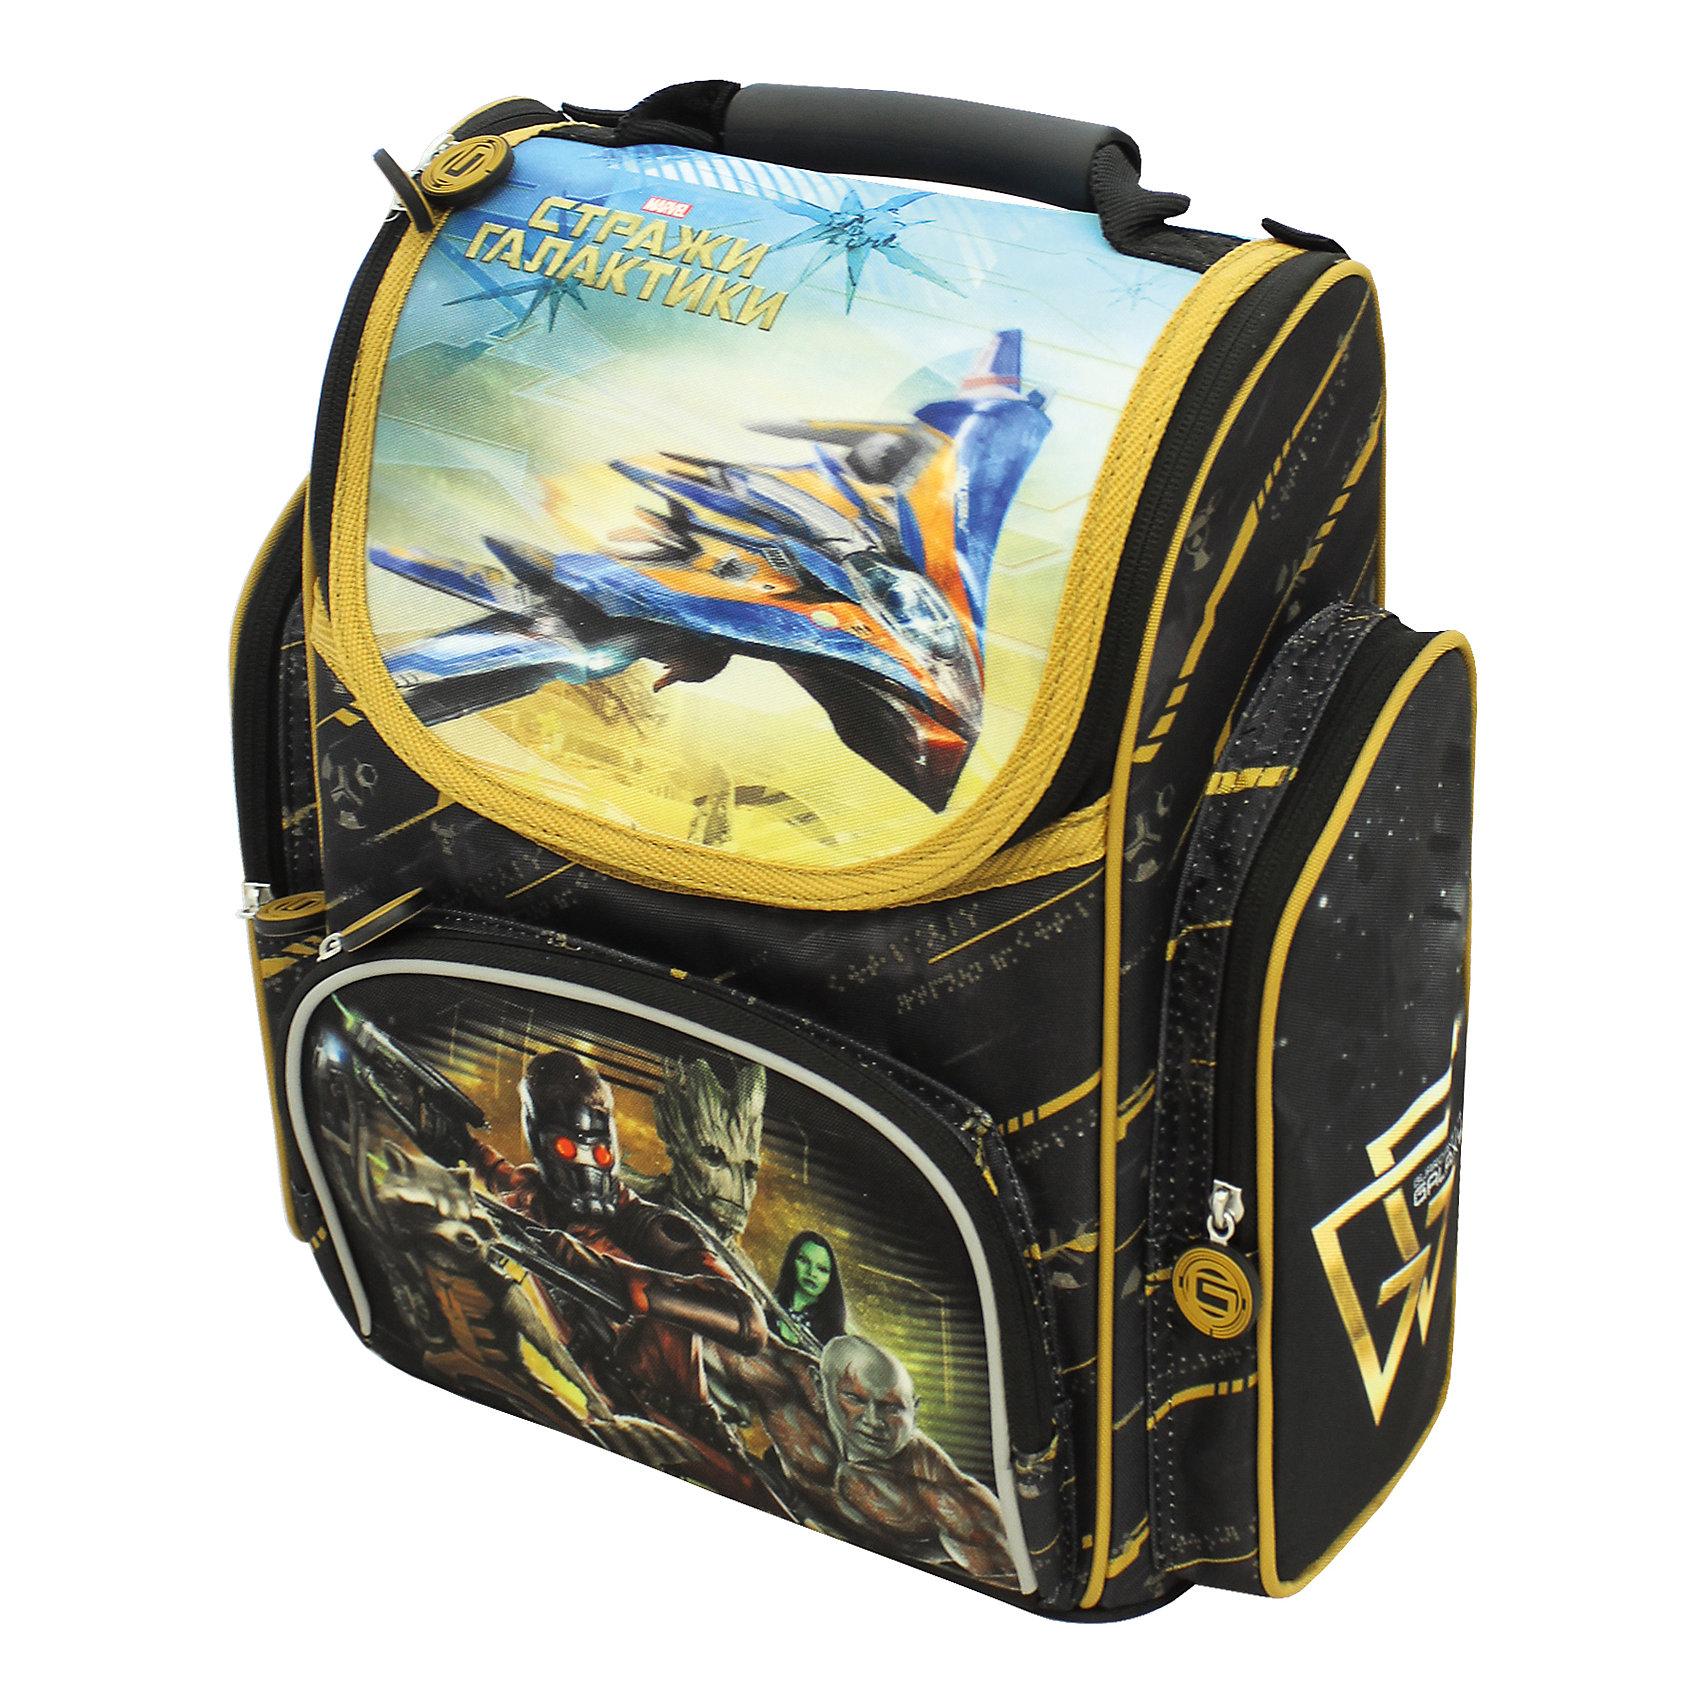 Ортопедический рюкзак Стражи галактики, MarvelАккуратный и вместительный ортопедический рюкзак с прочным каркасом – прекрасный вариант для вашего ребенка. В его основное отделение на молнии легко поместятся предметы формата А4. Внутри – два отсека для тетрадей, приспособление для ключей и карман для личной карточки. Снаружи – лицевой карман на молнии, подходящий для пенала, и два боковых кармана на молнии. Ортопедическая спинка, созданная по специальной технологии из дышащего материала, равномерно распределяет нагрузку на плечевые суставы и спину. Удлиненные держатели облегчают фиксацию длины ремней с мягкими подкладками. Светоотражающие элементы на лямках и лицевом кармане повышают безопасность ребенка на дороге в темное время суток. Пластиковая ручка удобна для переноски в руке. Пластиковые ножки защищают дно от загрязнения. Рюкзак изготовлен из износоустойчивых материалов с водонепроницаемой основой, декорирован ярким принтом и стильными подвесками на молнии.<br><br>Дополнительная информация:<br><br>- Материал: текстиль, пластик<br>- Размер: 30х17х36 см.<br>- Цвет: черный, желтый <br>- Количество отделений: 1<br>- Количество карманов: 3<br>- Тип застежки: молния.<br>- Ортопедическая спинка.<br>- Регулируемые по длине лямки с мягкими накладками.<br>- Дно с пластиковыми ножками.<br>- Светоотражающие элементы. <br><br>Ортопедический рюкзак Стражи галактики, Marvel (Марвел), можно купить в нашем магазине.<br><br>Ширина мм: 300<br>Глубина мм: 170<br>Высота мм: 360<br>Вес г: 1020<br>Возраст от месяцев: 36<br>Возраст до месяцев: 108<br>Пол: Мужской<br>Возраст: Детский<br>SKU: 4073997